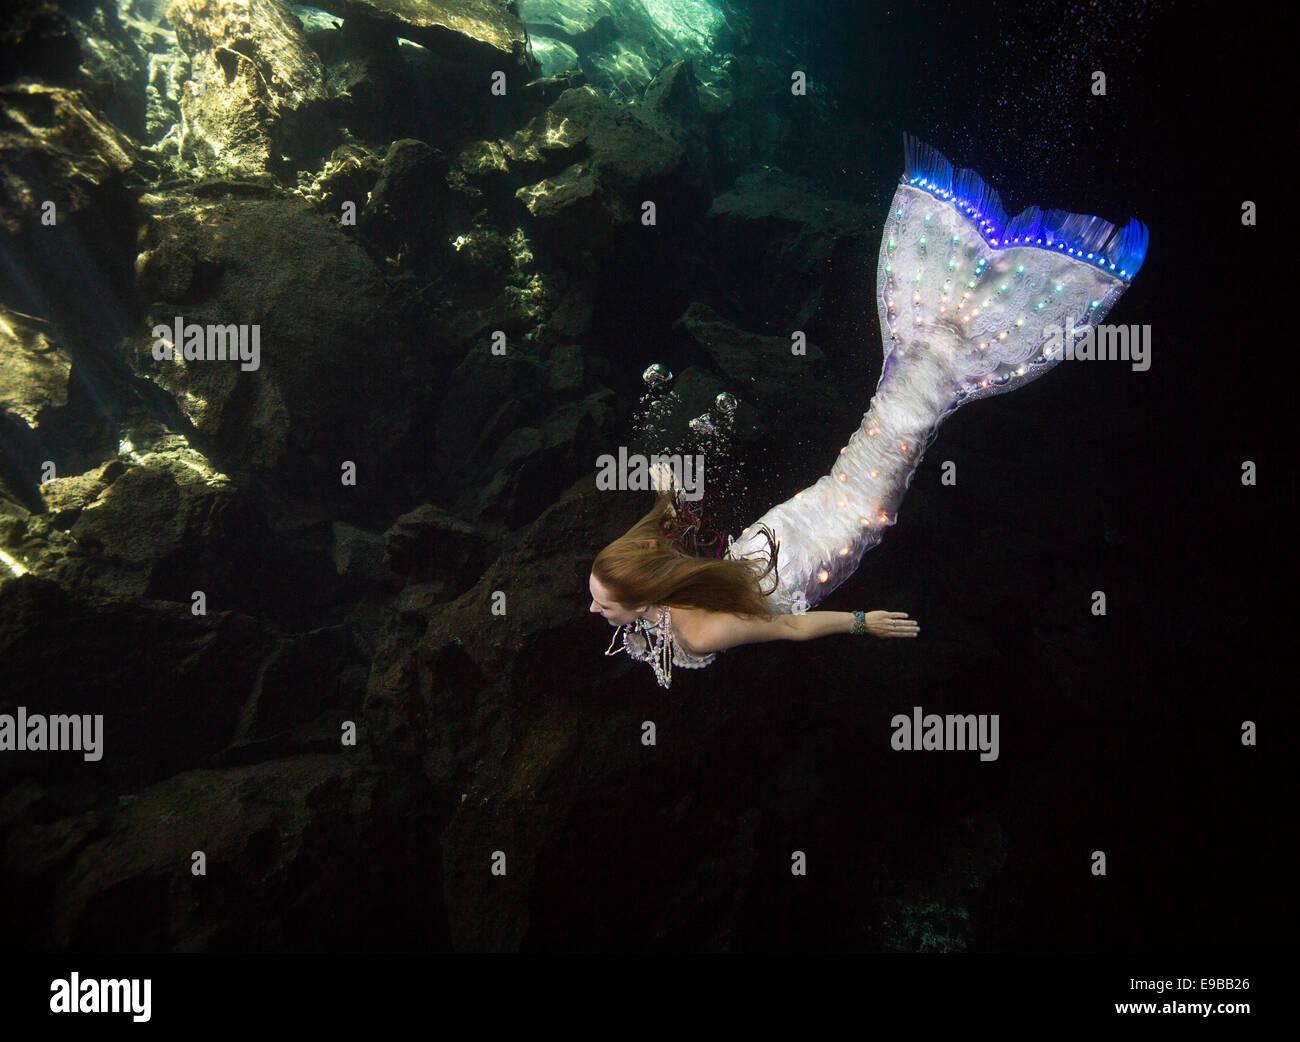 Meerjungfrau mit einem leuchtenden Schweif, Schwimmen in den Gewässern der Halbinsel Yucatan, KuKulKan Cenote, Stockbild